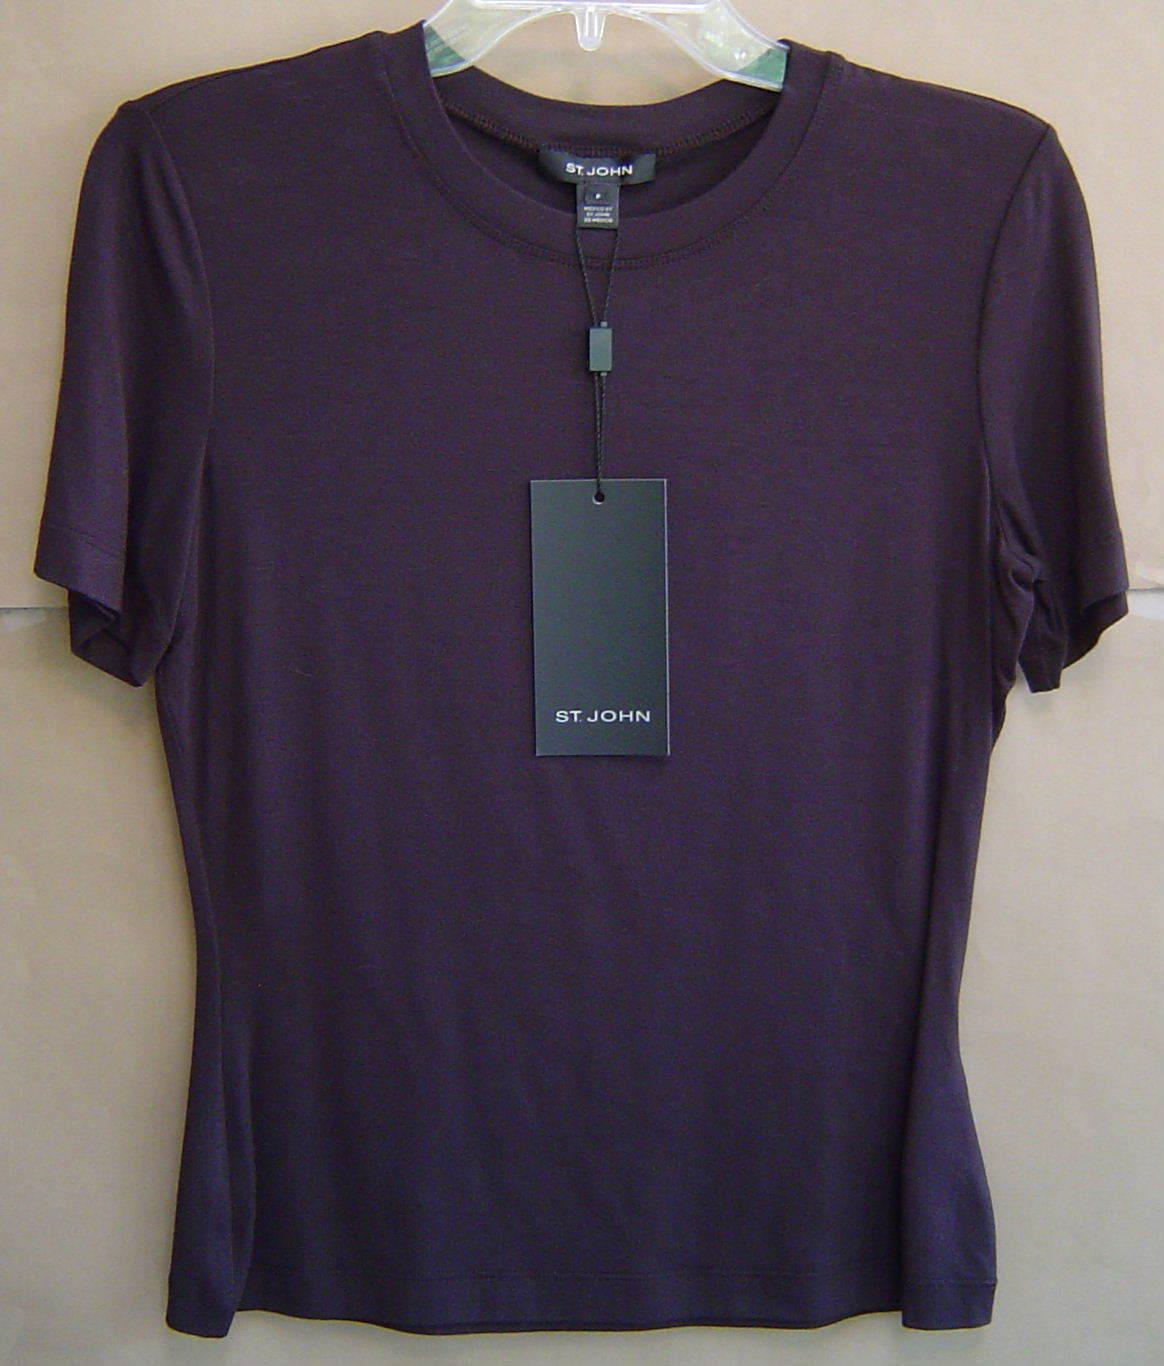 NWT  ST. JOHN Mahogany braun Shirt Blouse Top damen P Petitie R921103